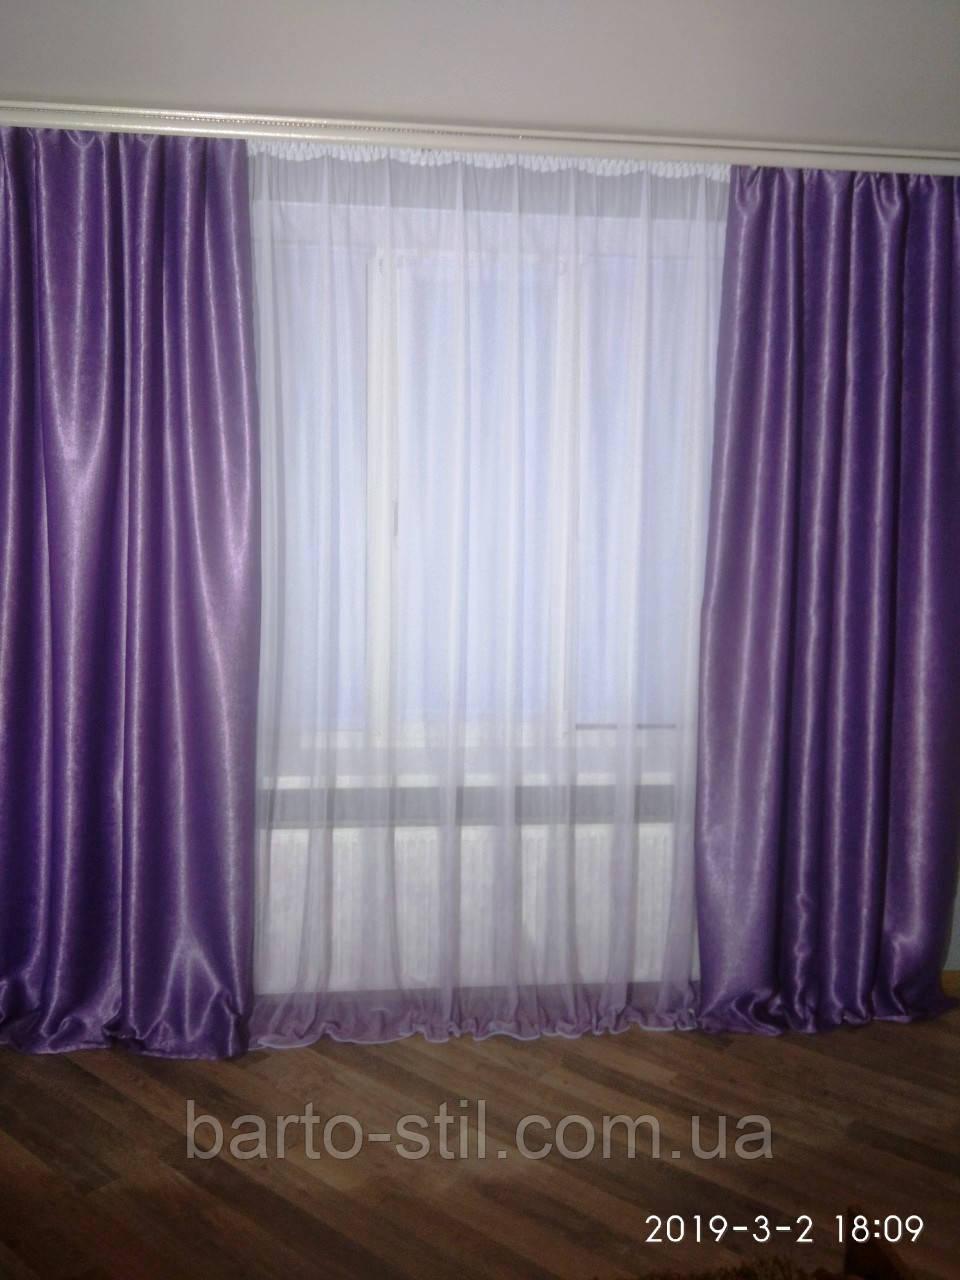 """Новинка Готовый комплект """"Италия"""":тюль с  шторыами из  блек аута. для гостиной,спальни высота 2.7 м"""